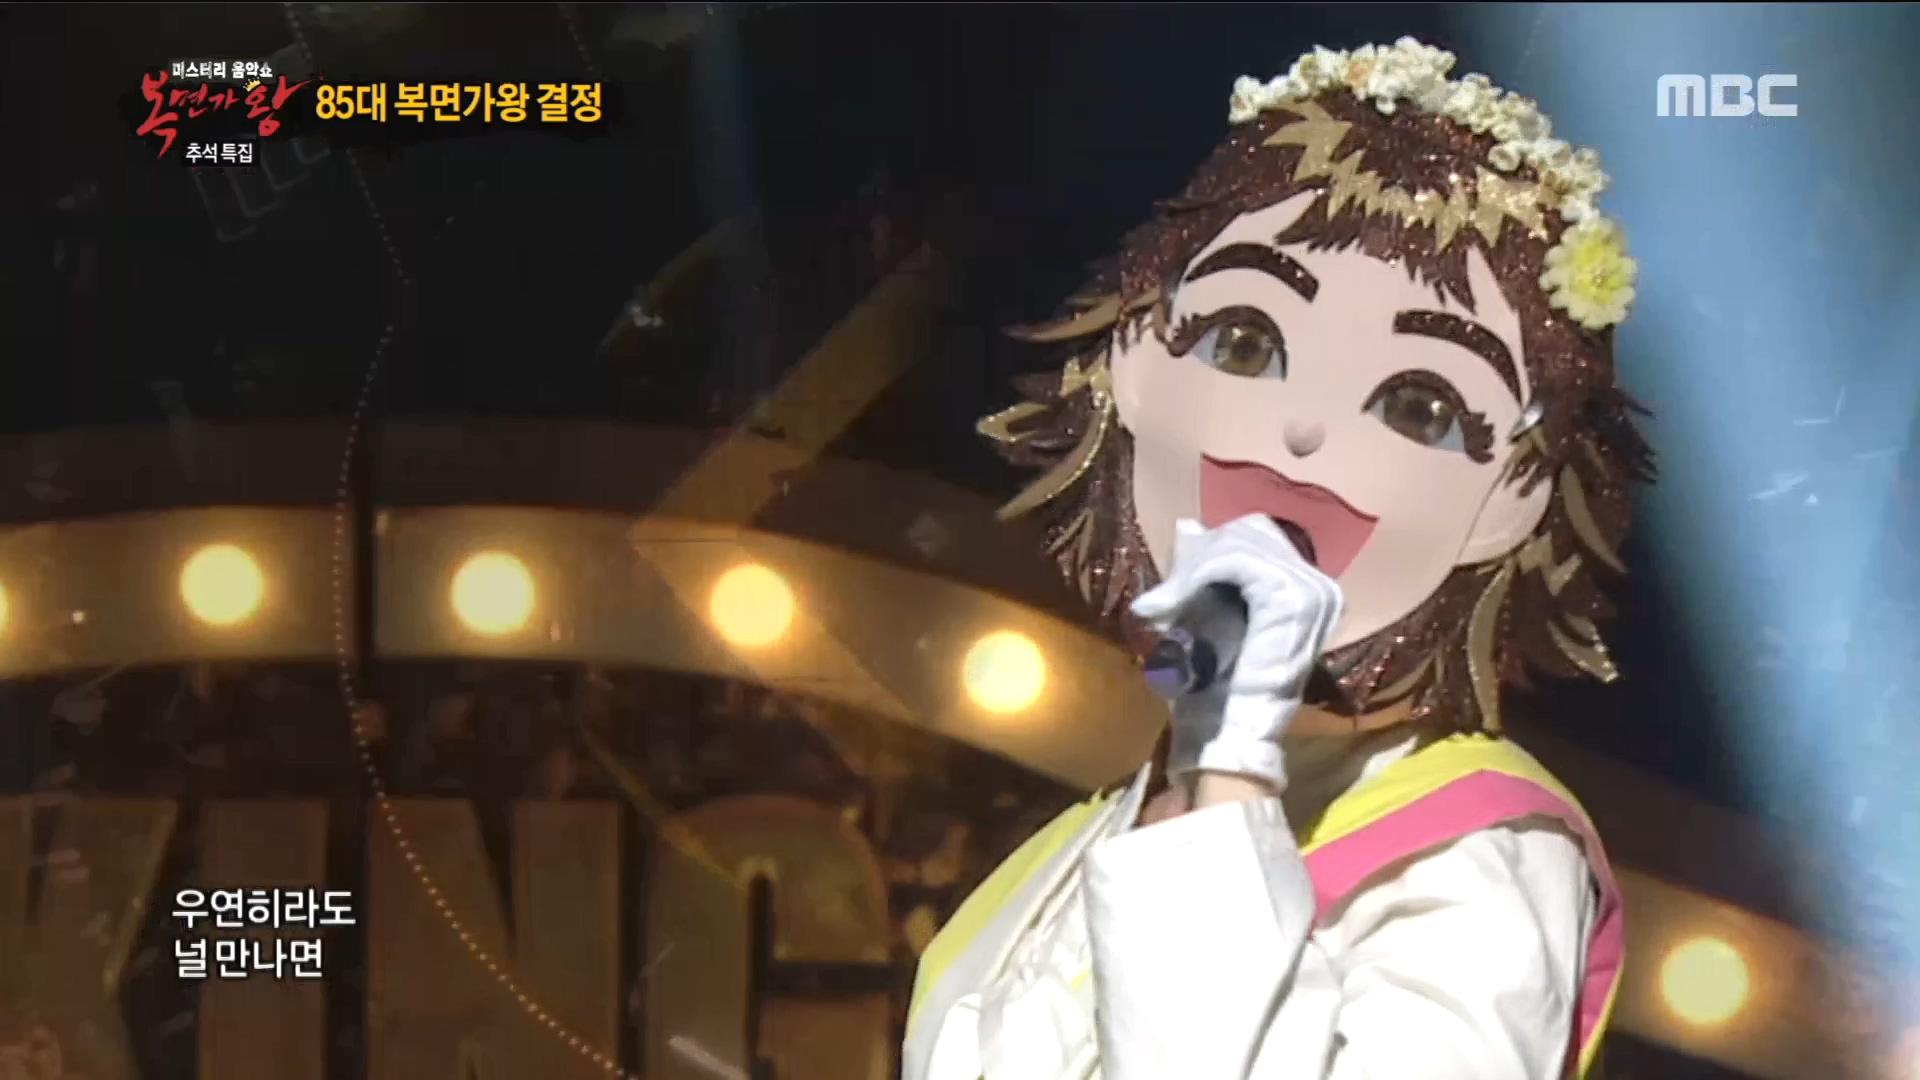 4연승을 향한 '동막골 소녀' 가왕 방어전 - 보여줄게